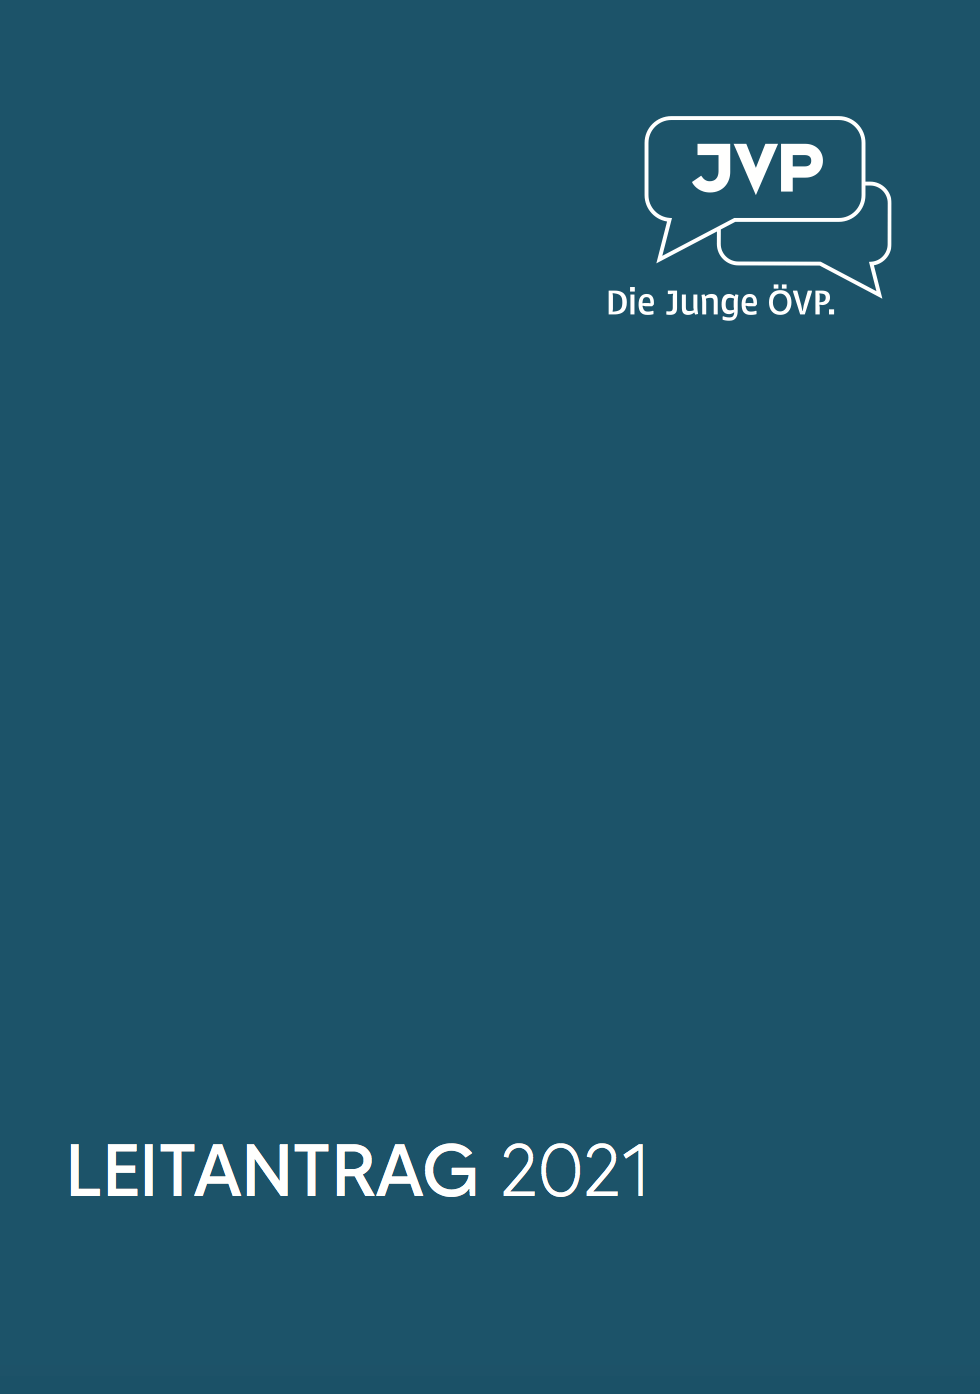 Leitantrag 2021